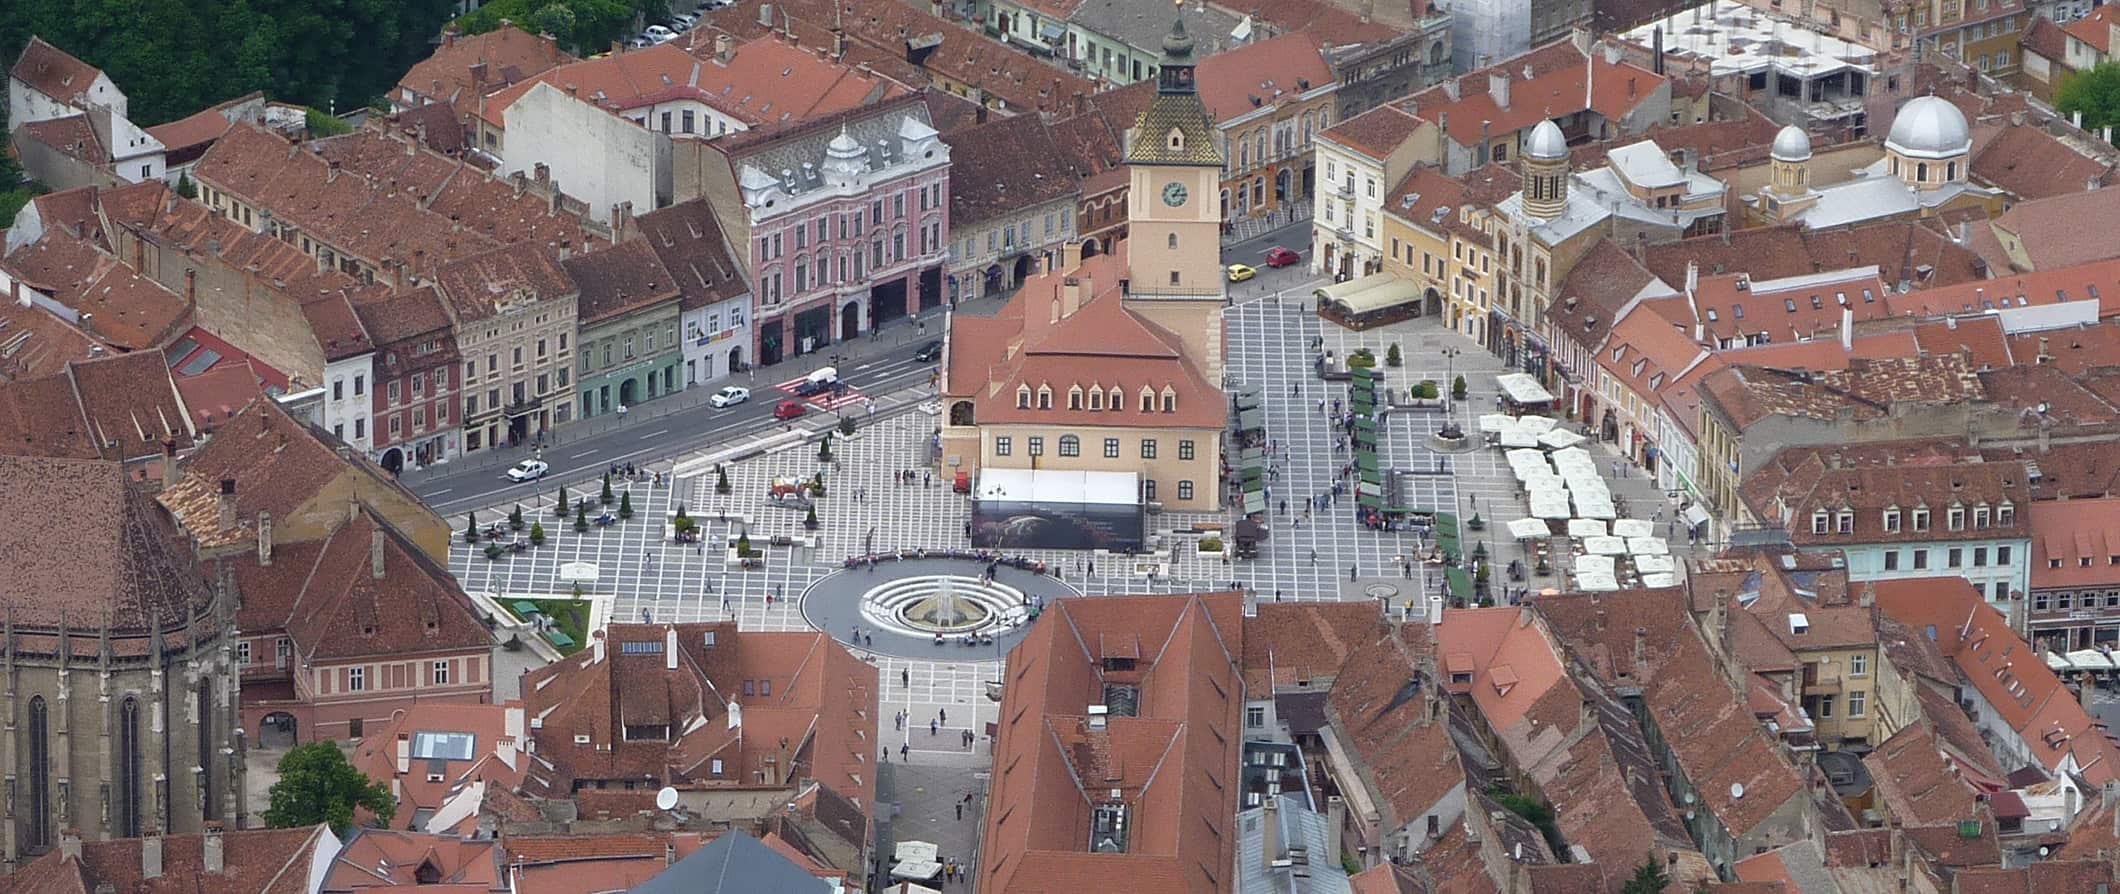 În centrul orașului Brașov, viteza de circulație s-a limitat la 30 de kilometri pe oră